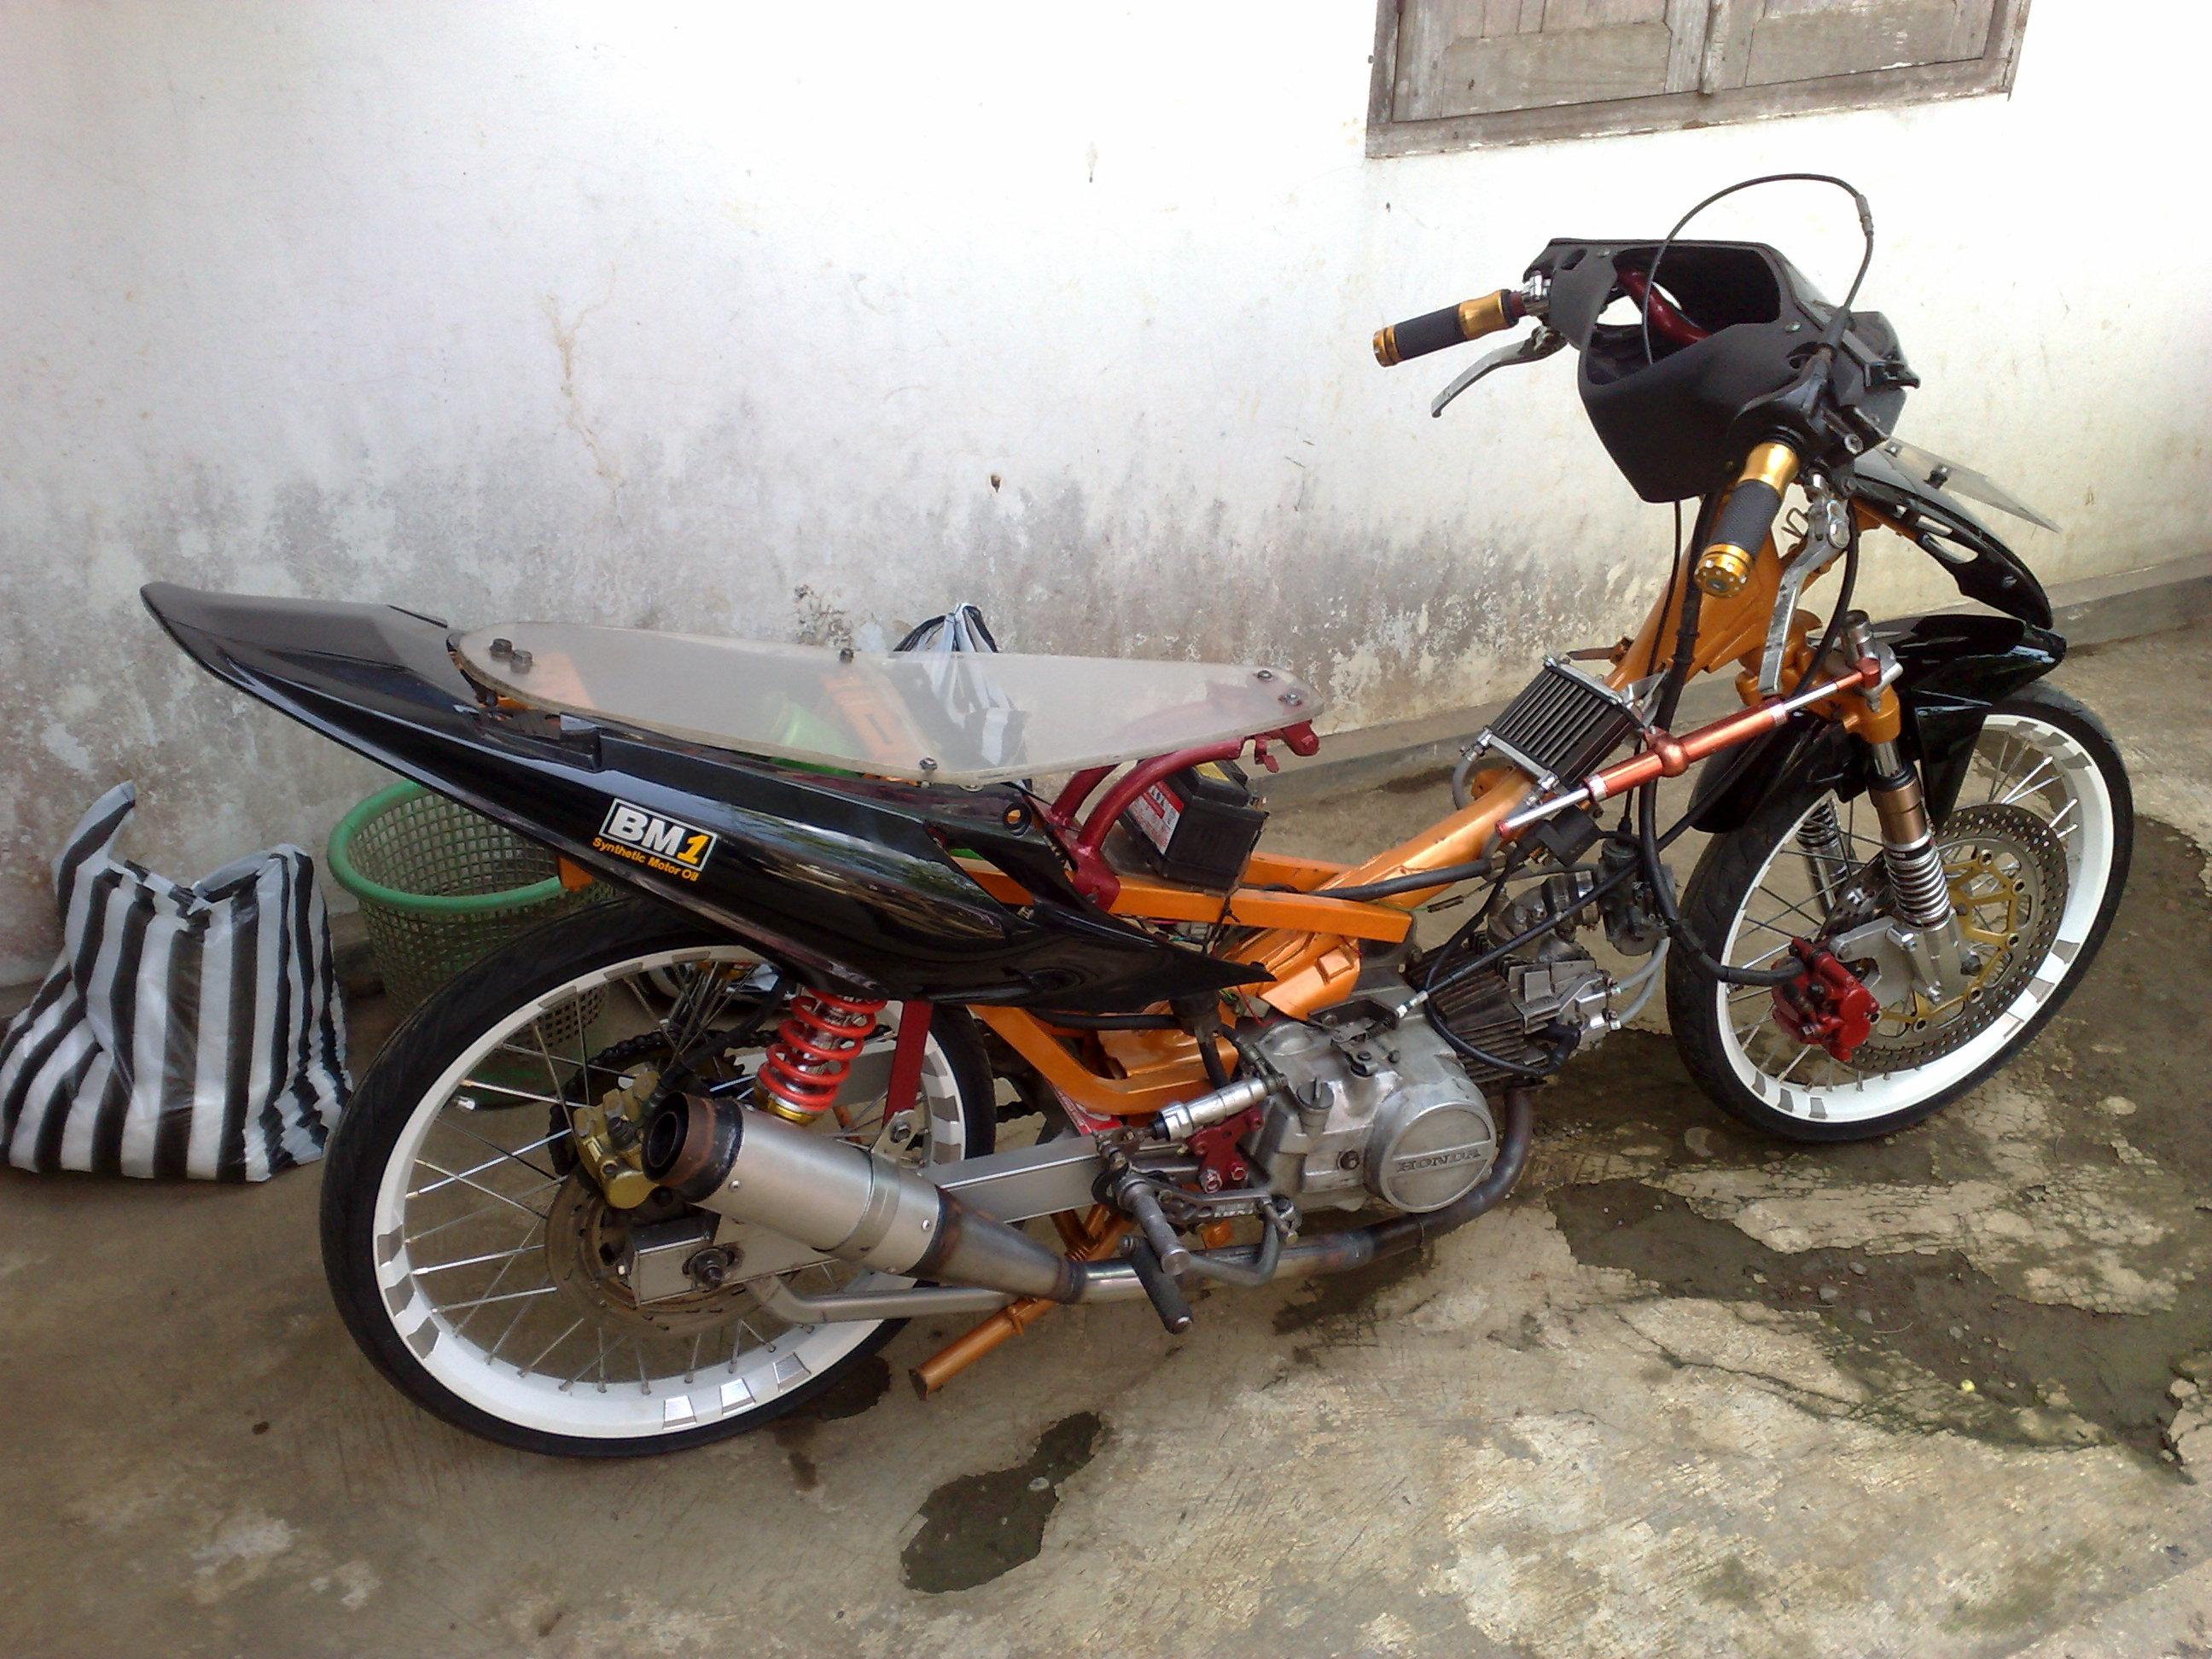 modifikasi motor racinglook, modifikasi motor supra, modifikasi motor